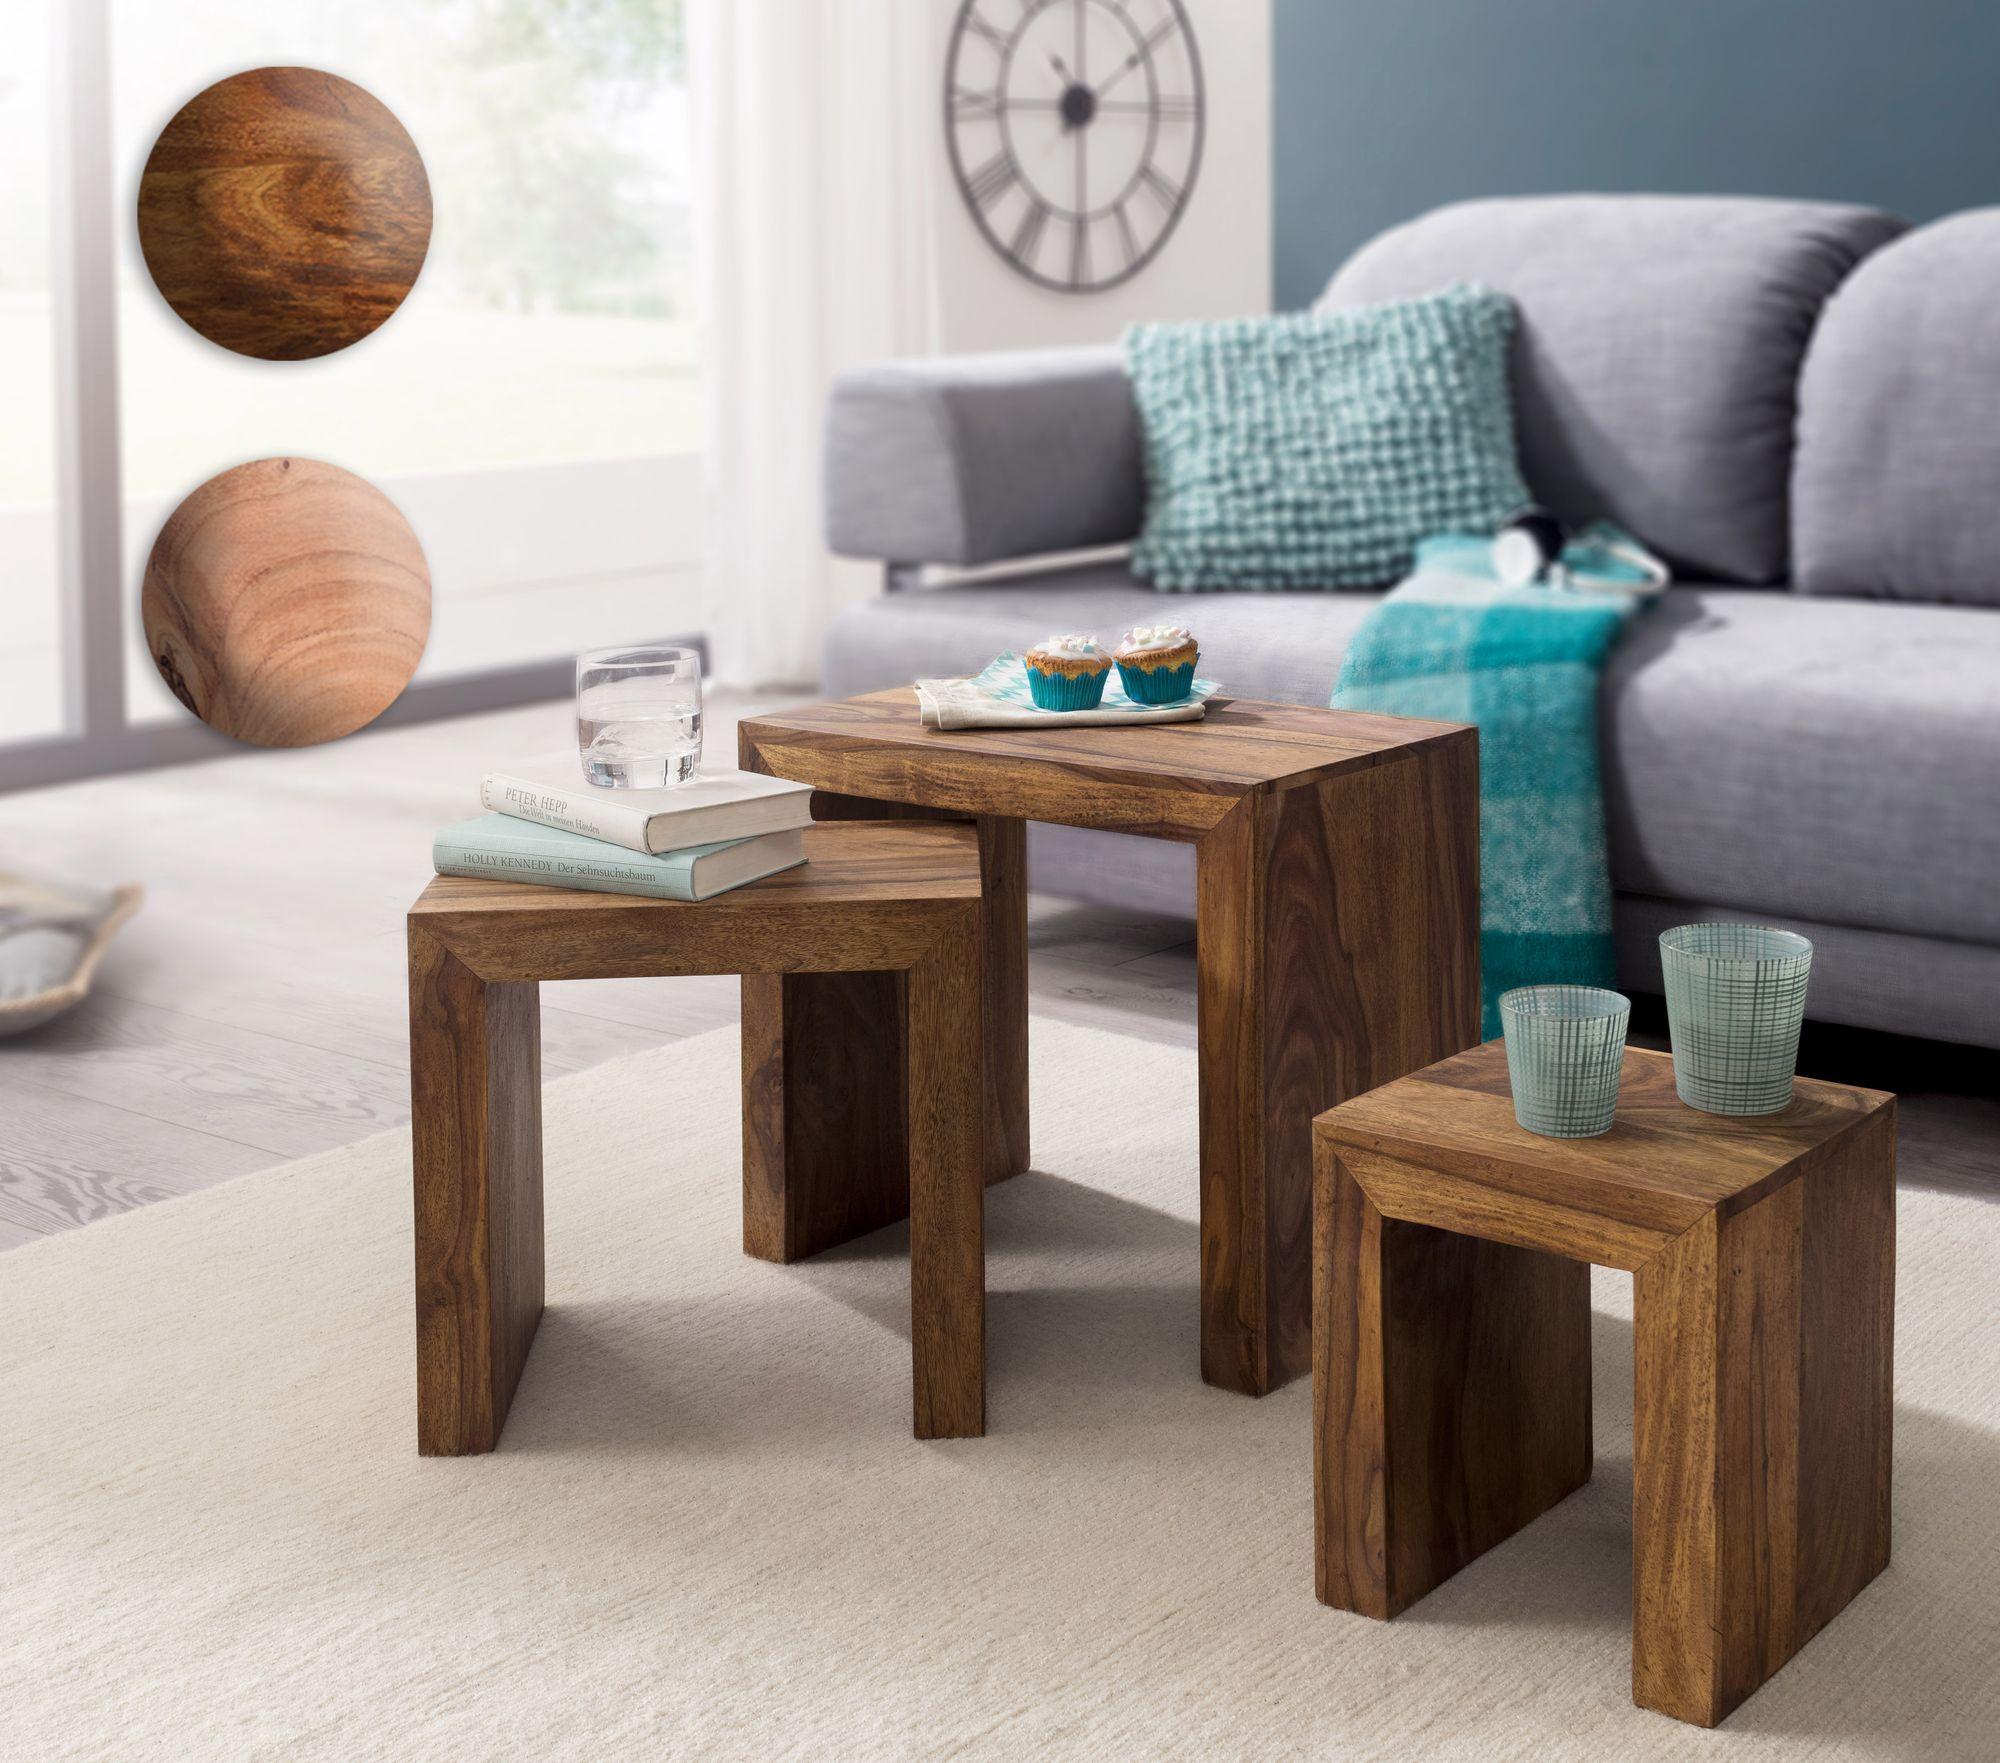 3er set satztisch akazie holz wohnzimmertisch beistelltisch massiver couchtisch ebay. Black Bedroom Furniture Sets. Home Design Ideas